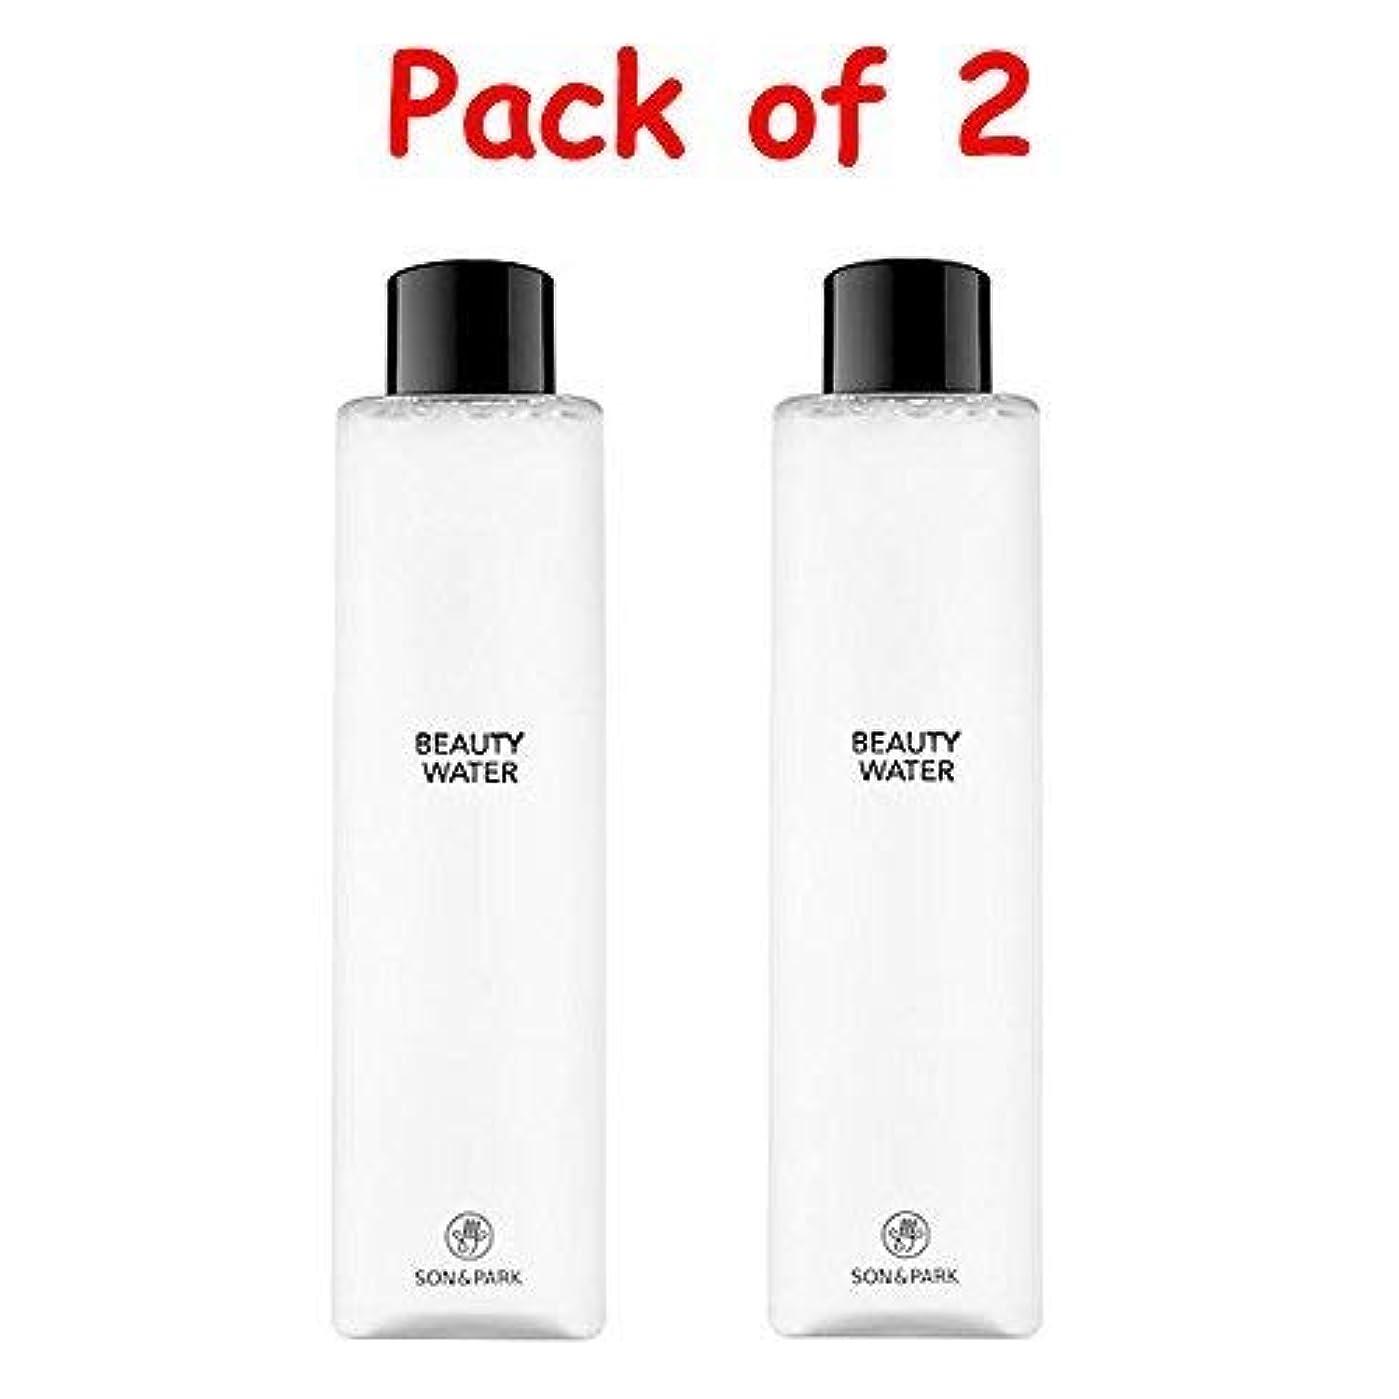 ケントキャプテンサーキュレーション★1+1 Sale★[SON & PARK]Beauty Water 340ml (Pack of 2) /[ソン & パク] ビューティー ウォーター 340ml (1+1)